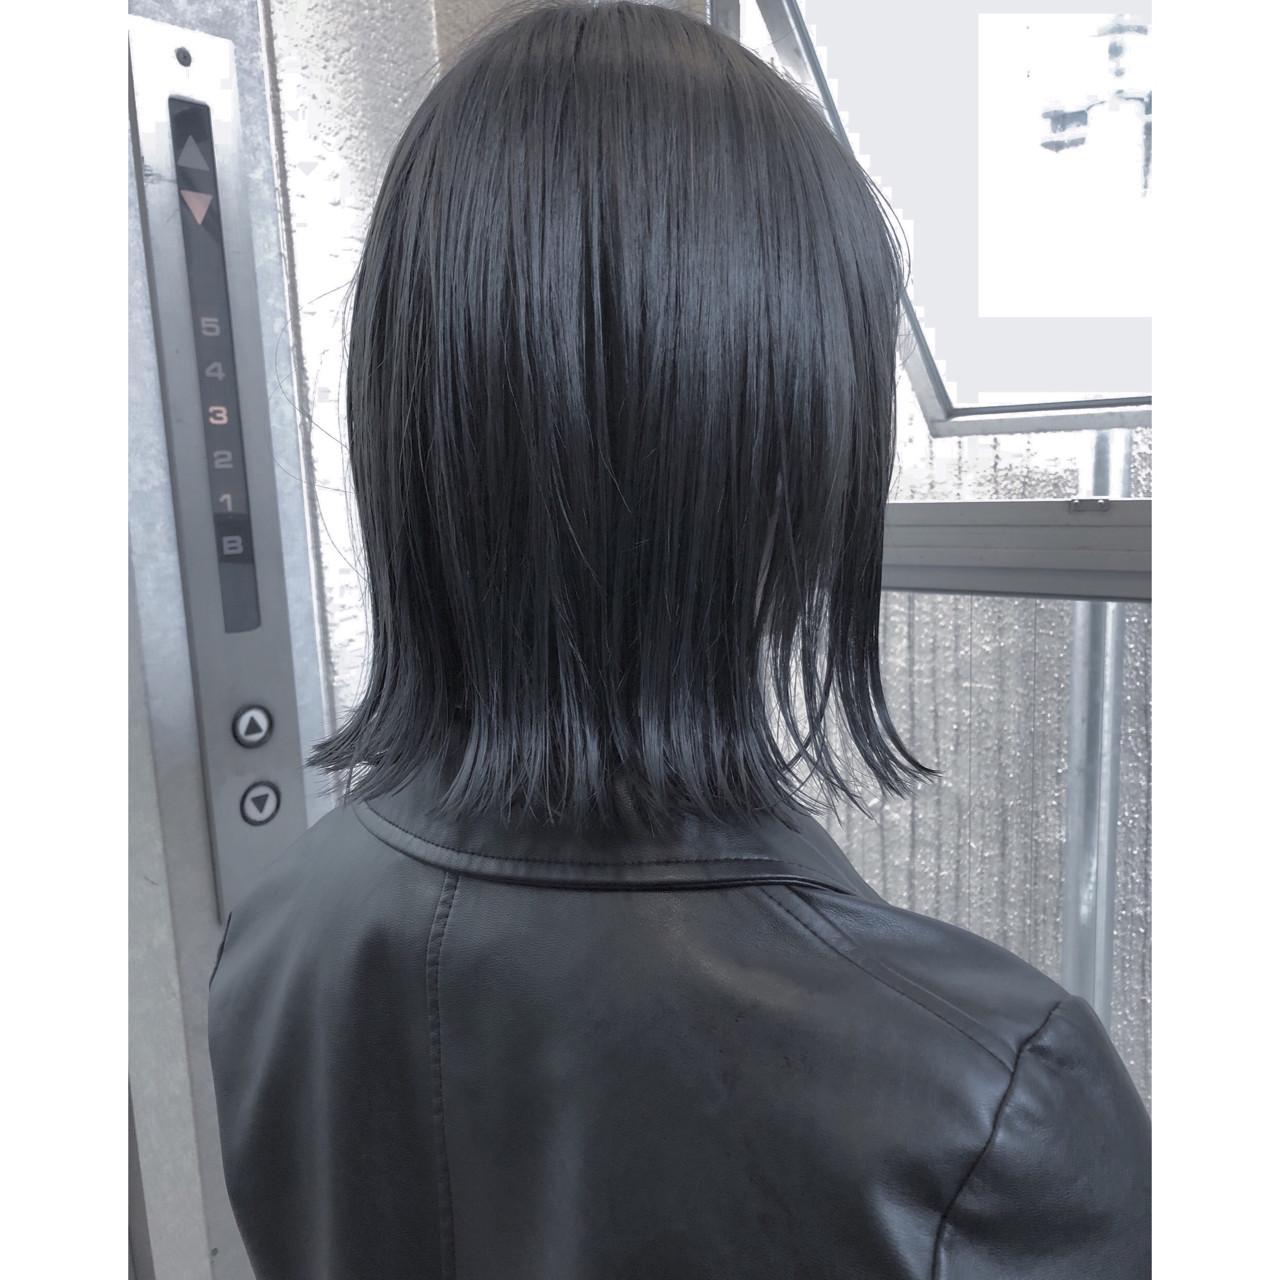 黒髪なら長めのストレートが大人スタイル! 鈴木さとる